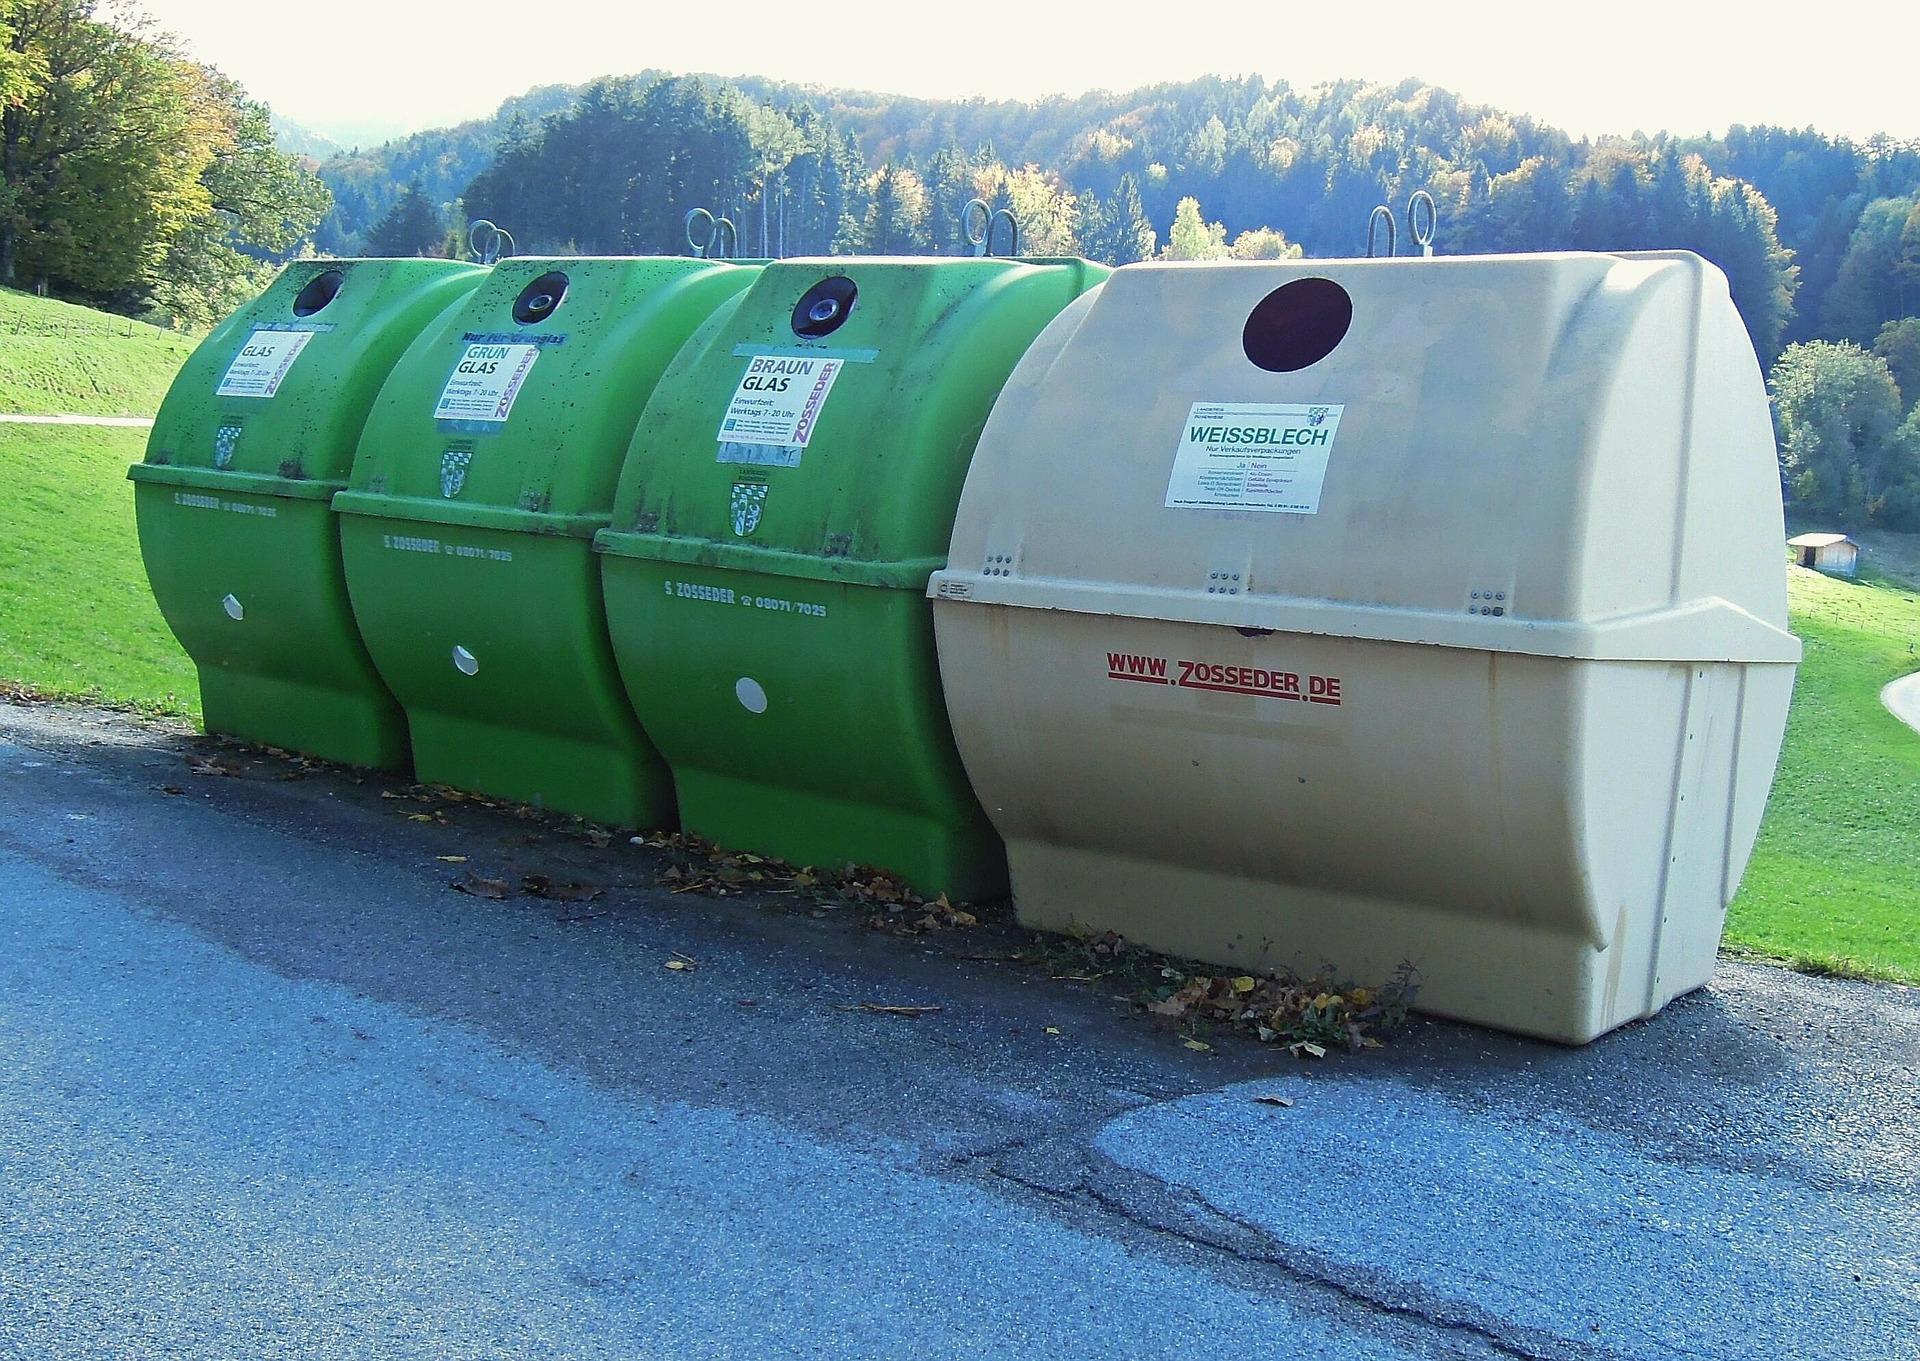 Nachträgliche Anordnung einer Sicherheitsleistung für eine Abfallbeseitigungsanlage